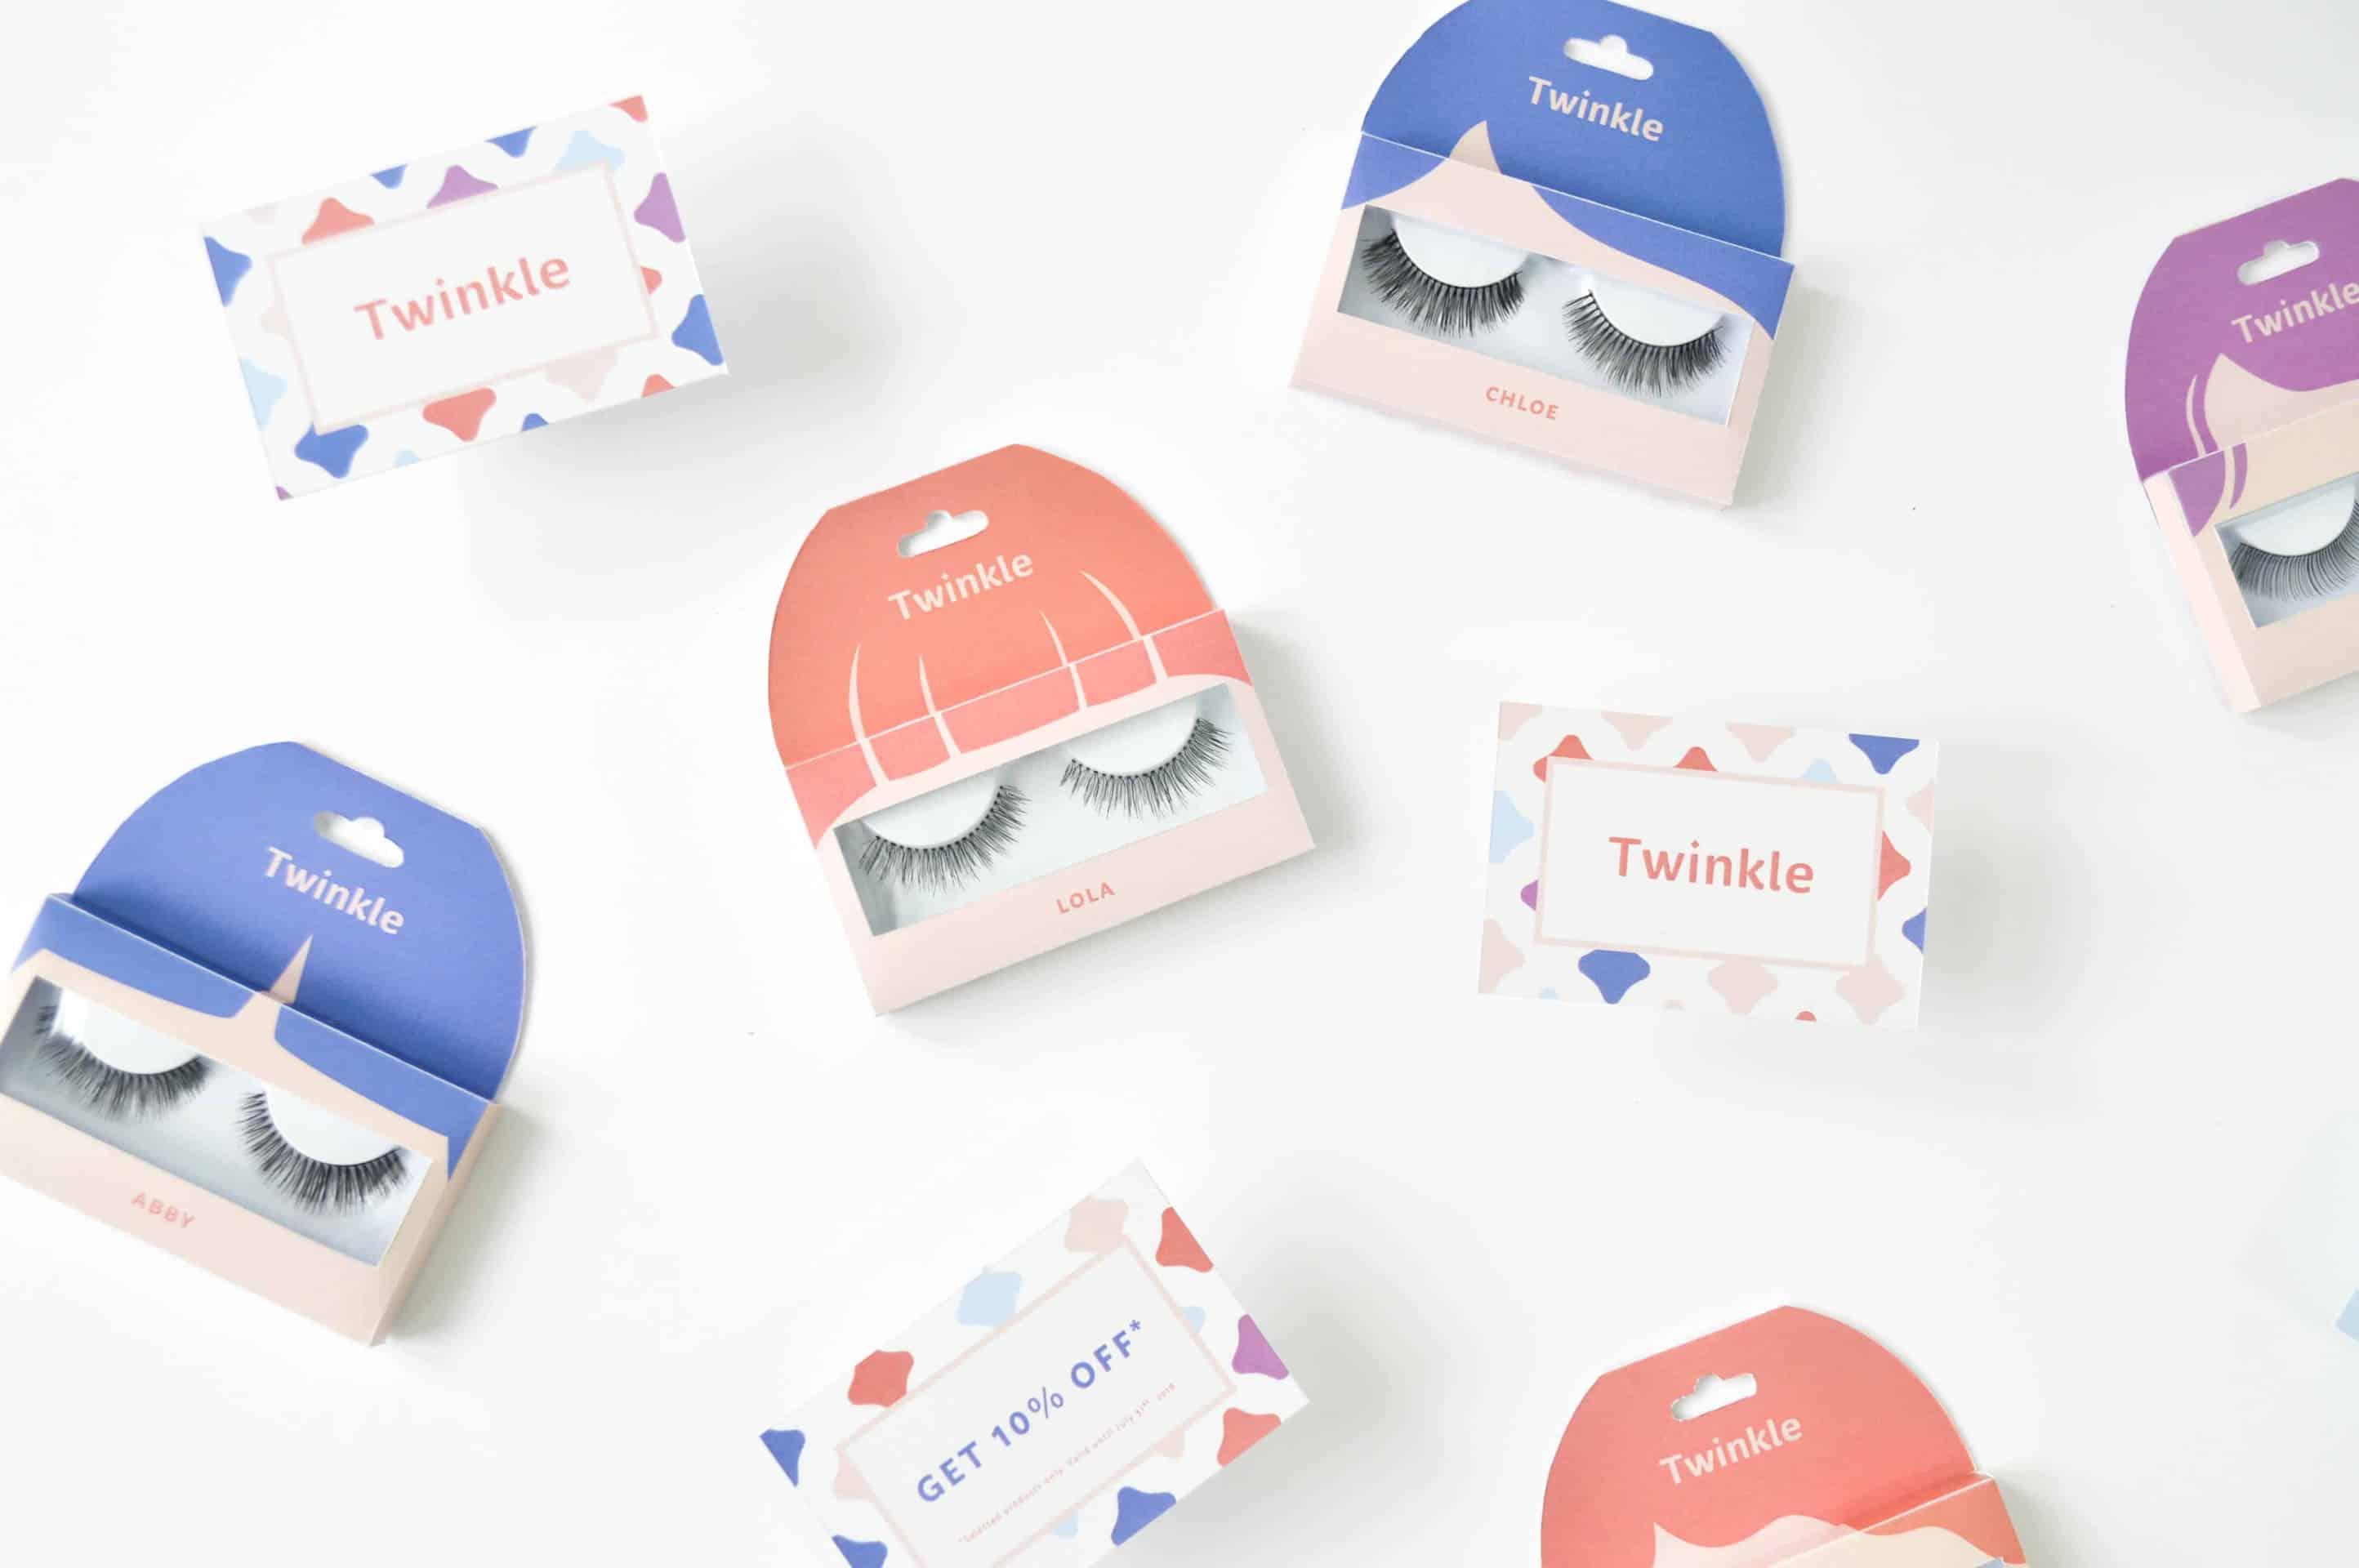 Twinkle - Creative Eyelash Packaging